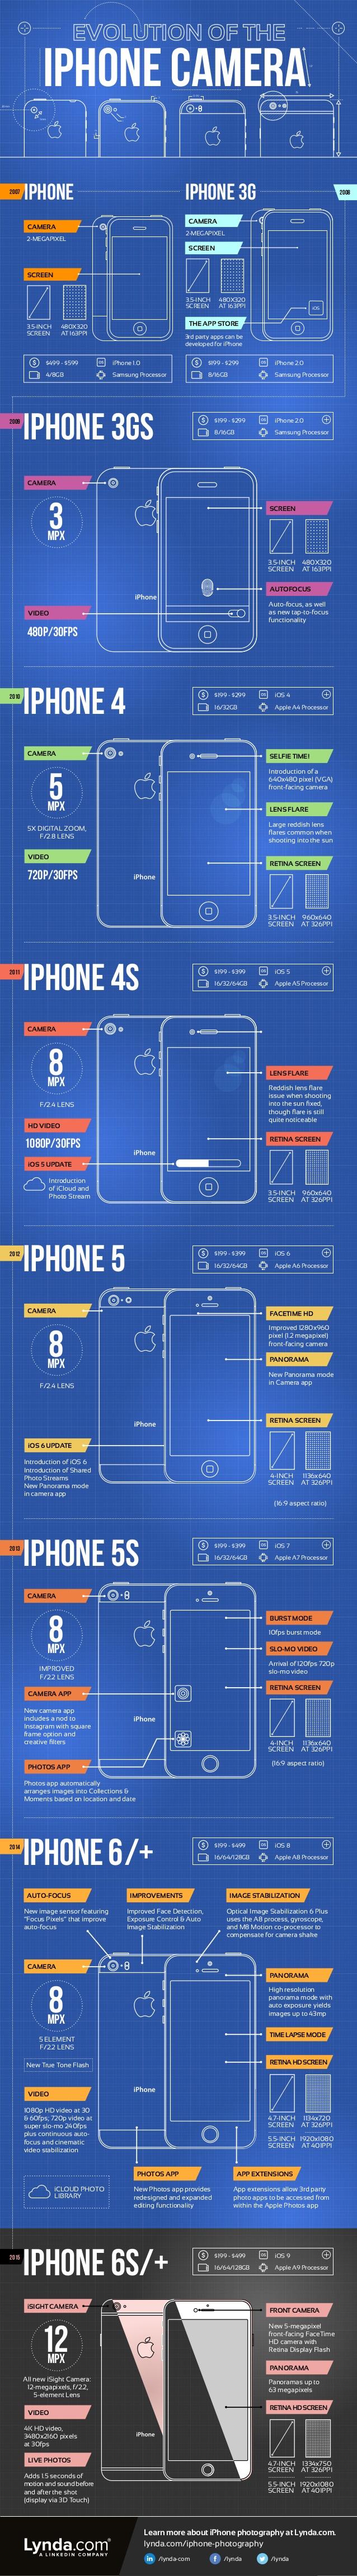 Evolución de la cámara del iPhone